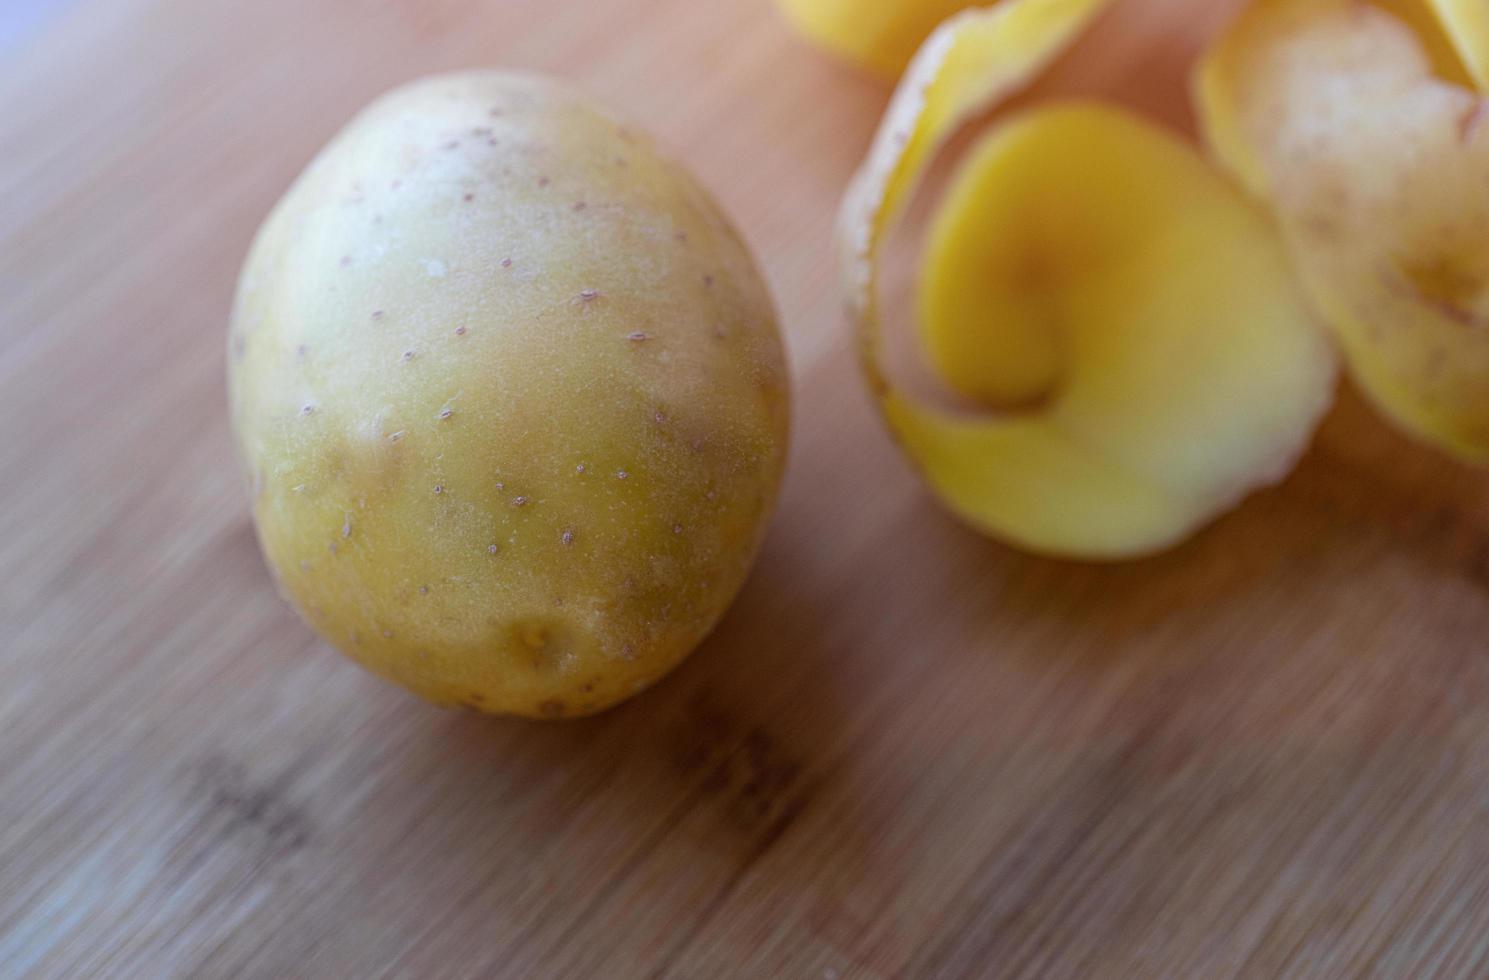 rauwe aardappelen met schil op een snijplank foto